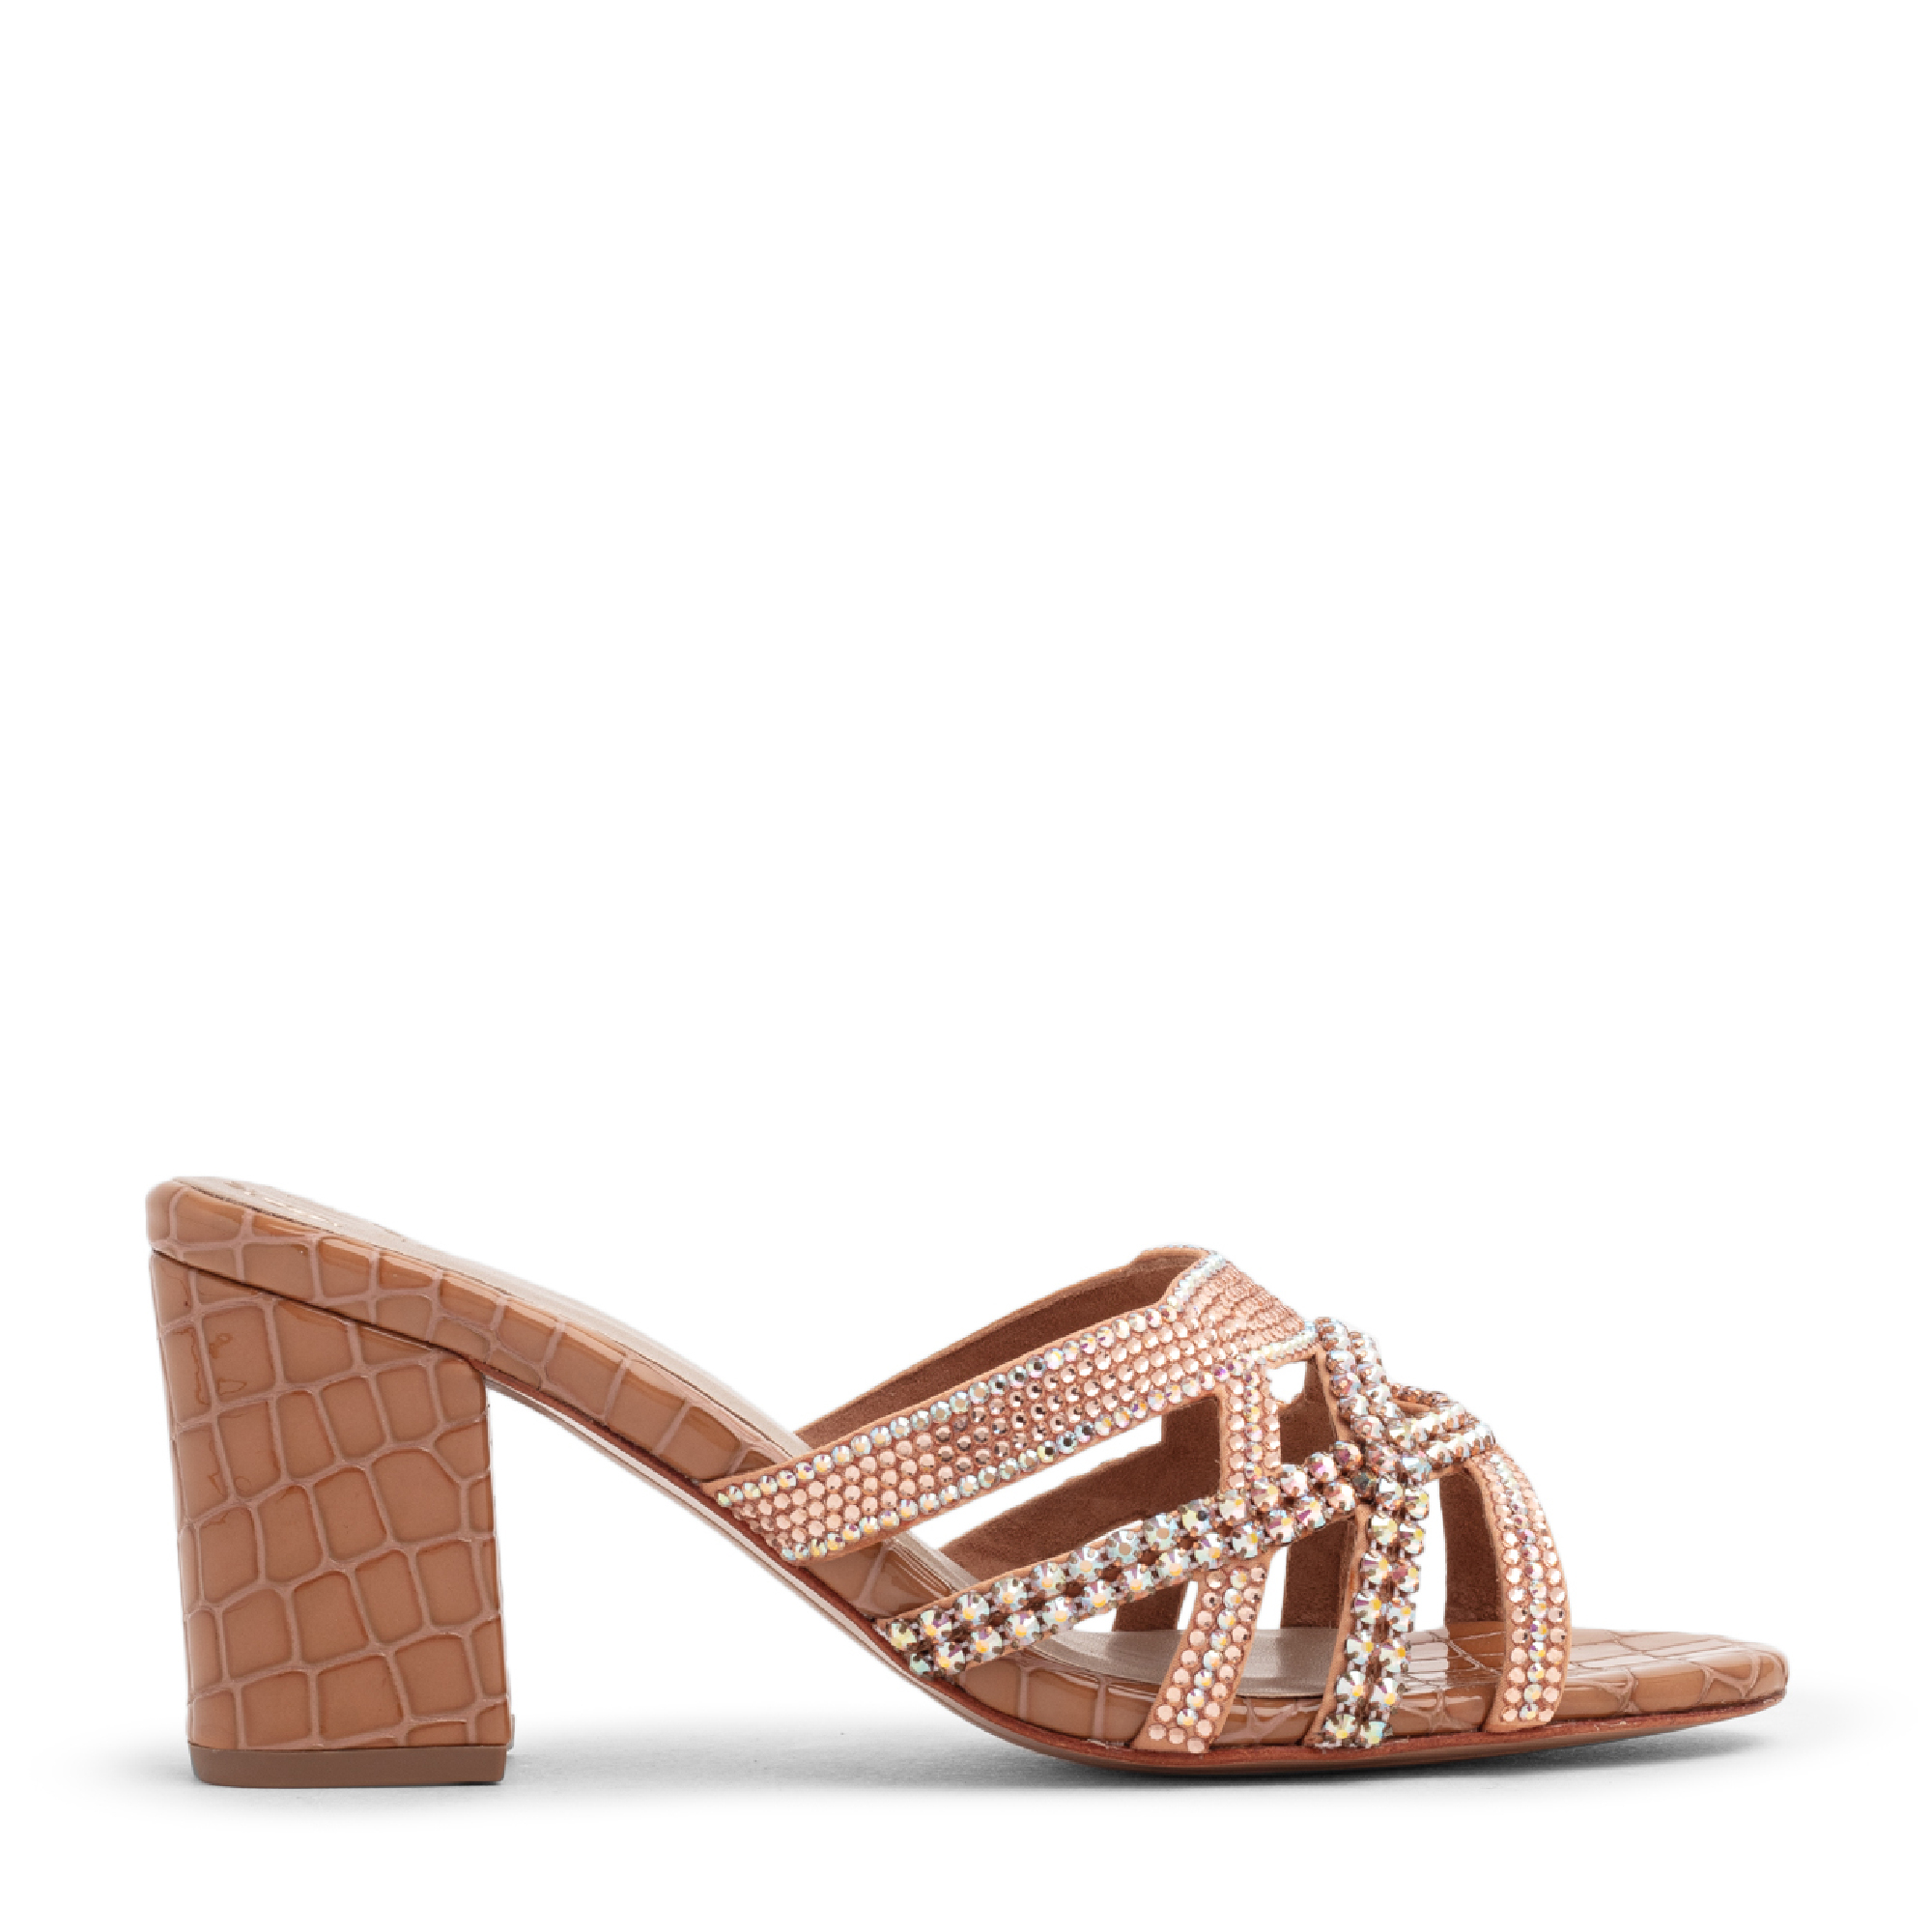 Frapin crystal embellished sandals